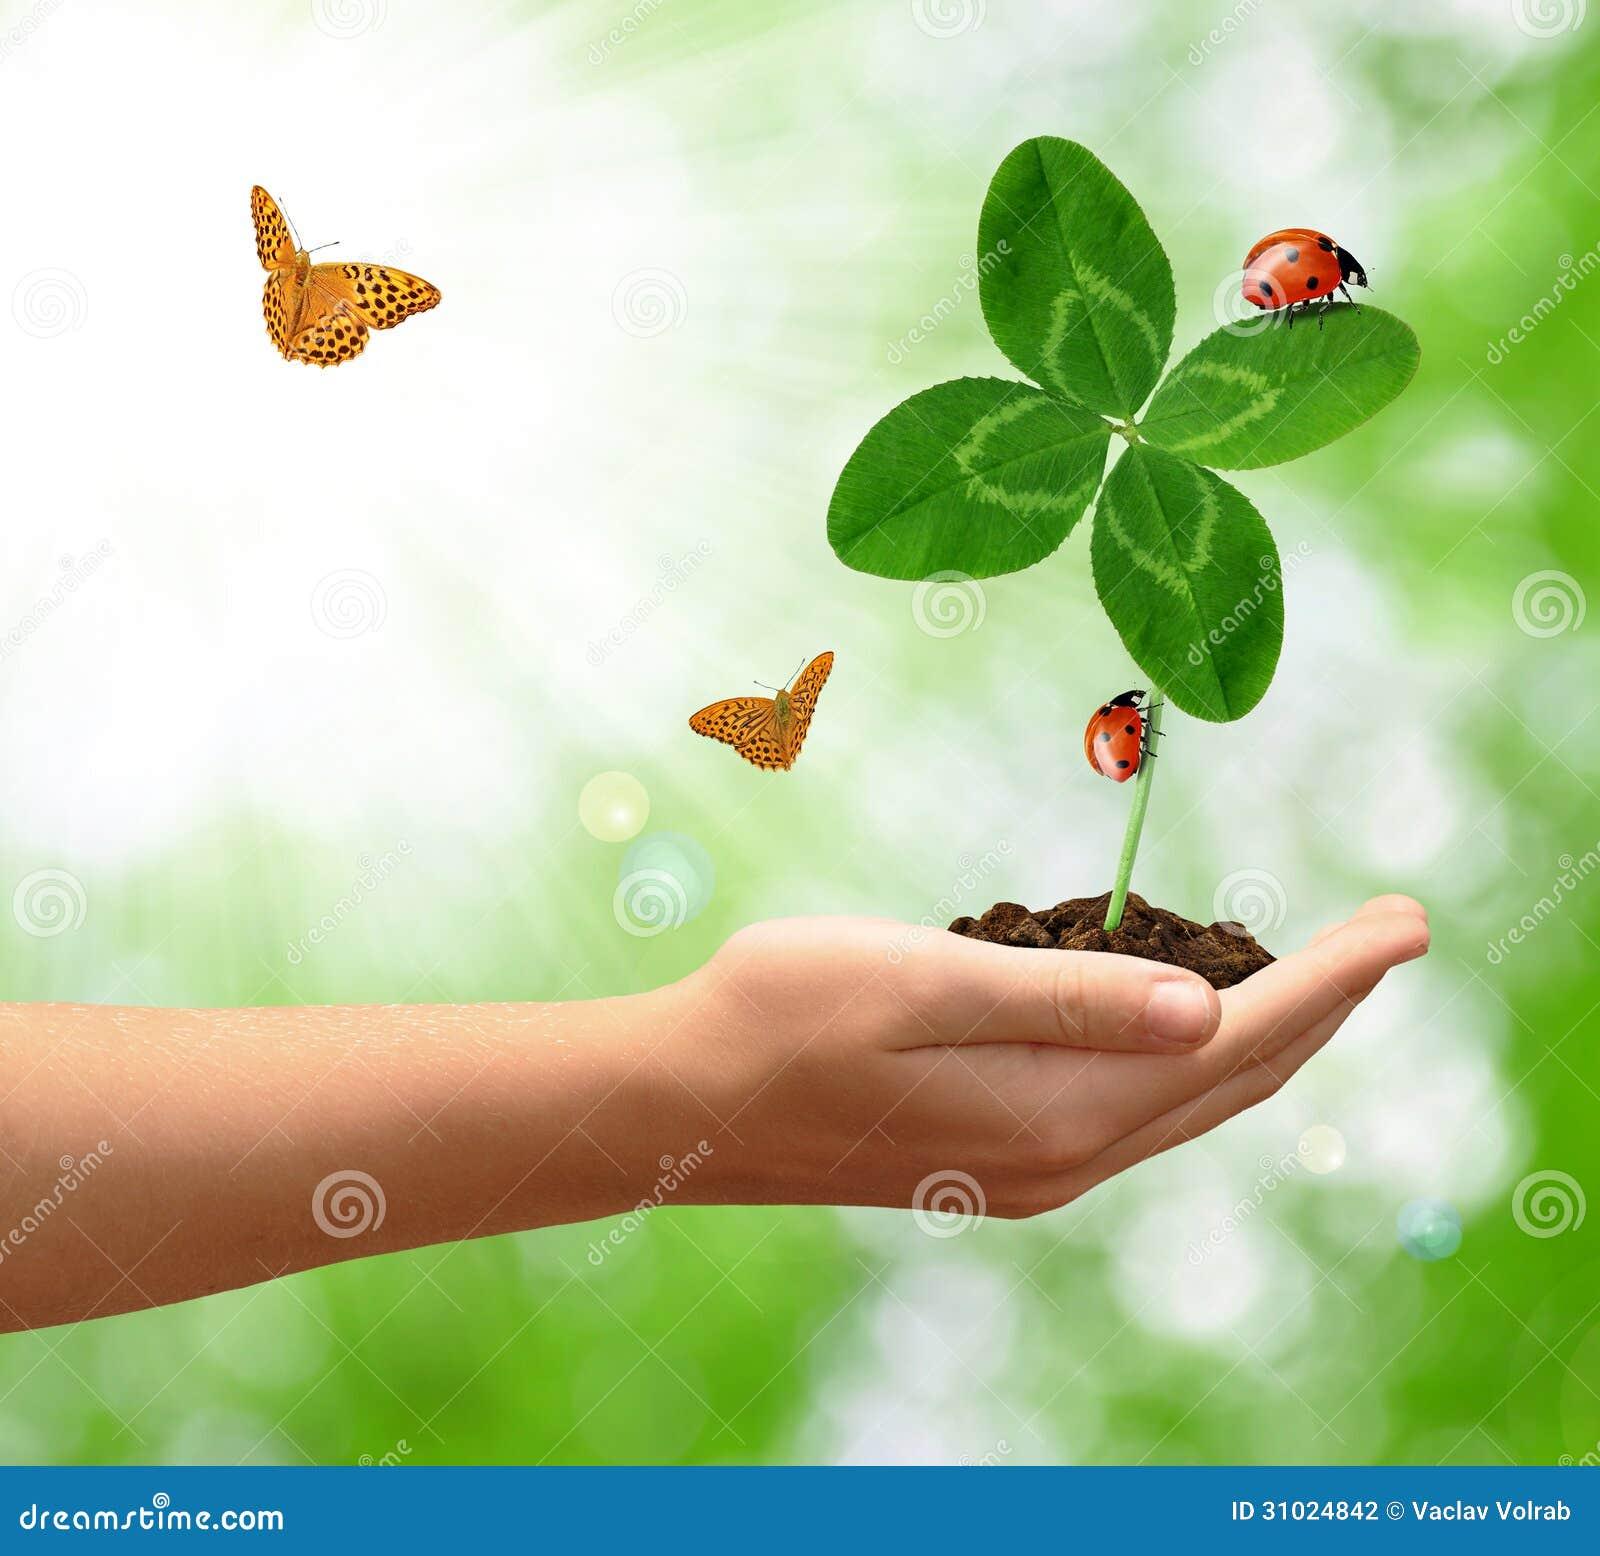 与瓢虫和蝴蝶的三叶草quarterfoil在手中.图片